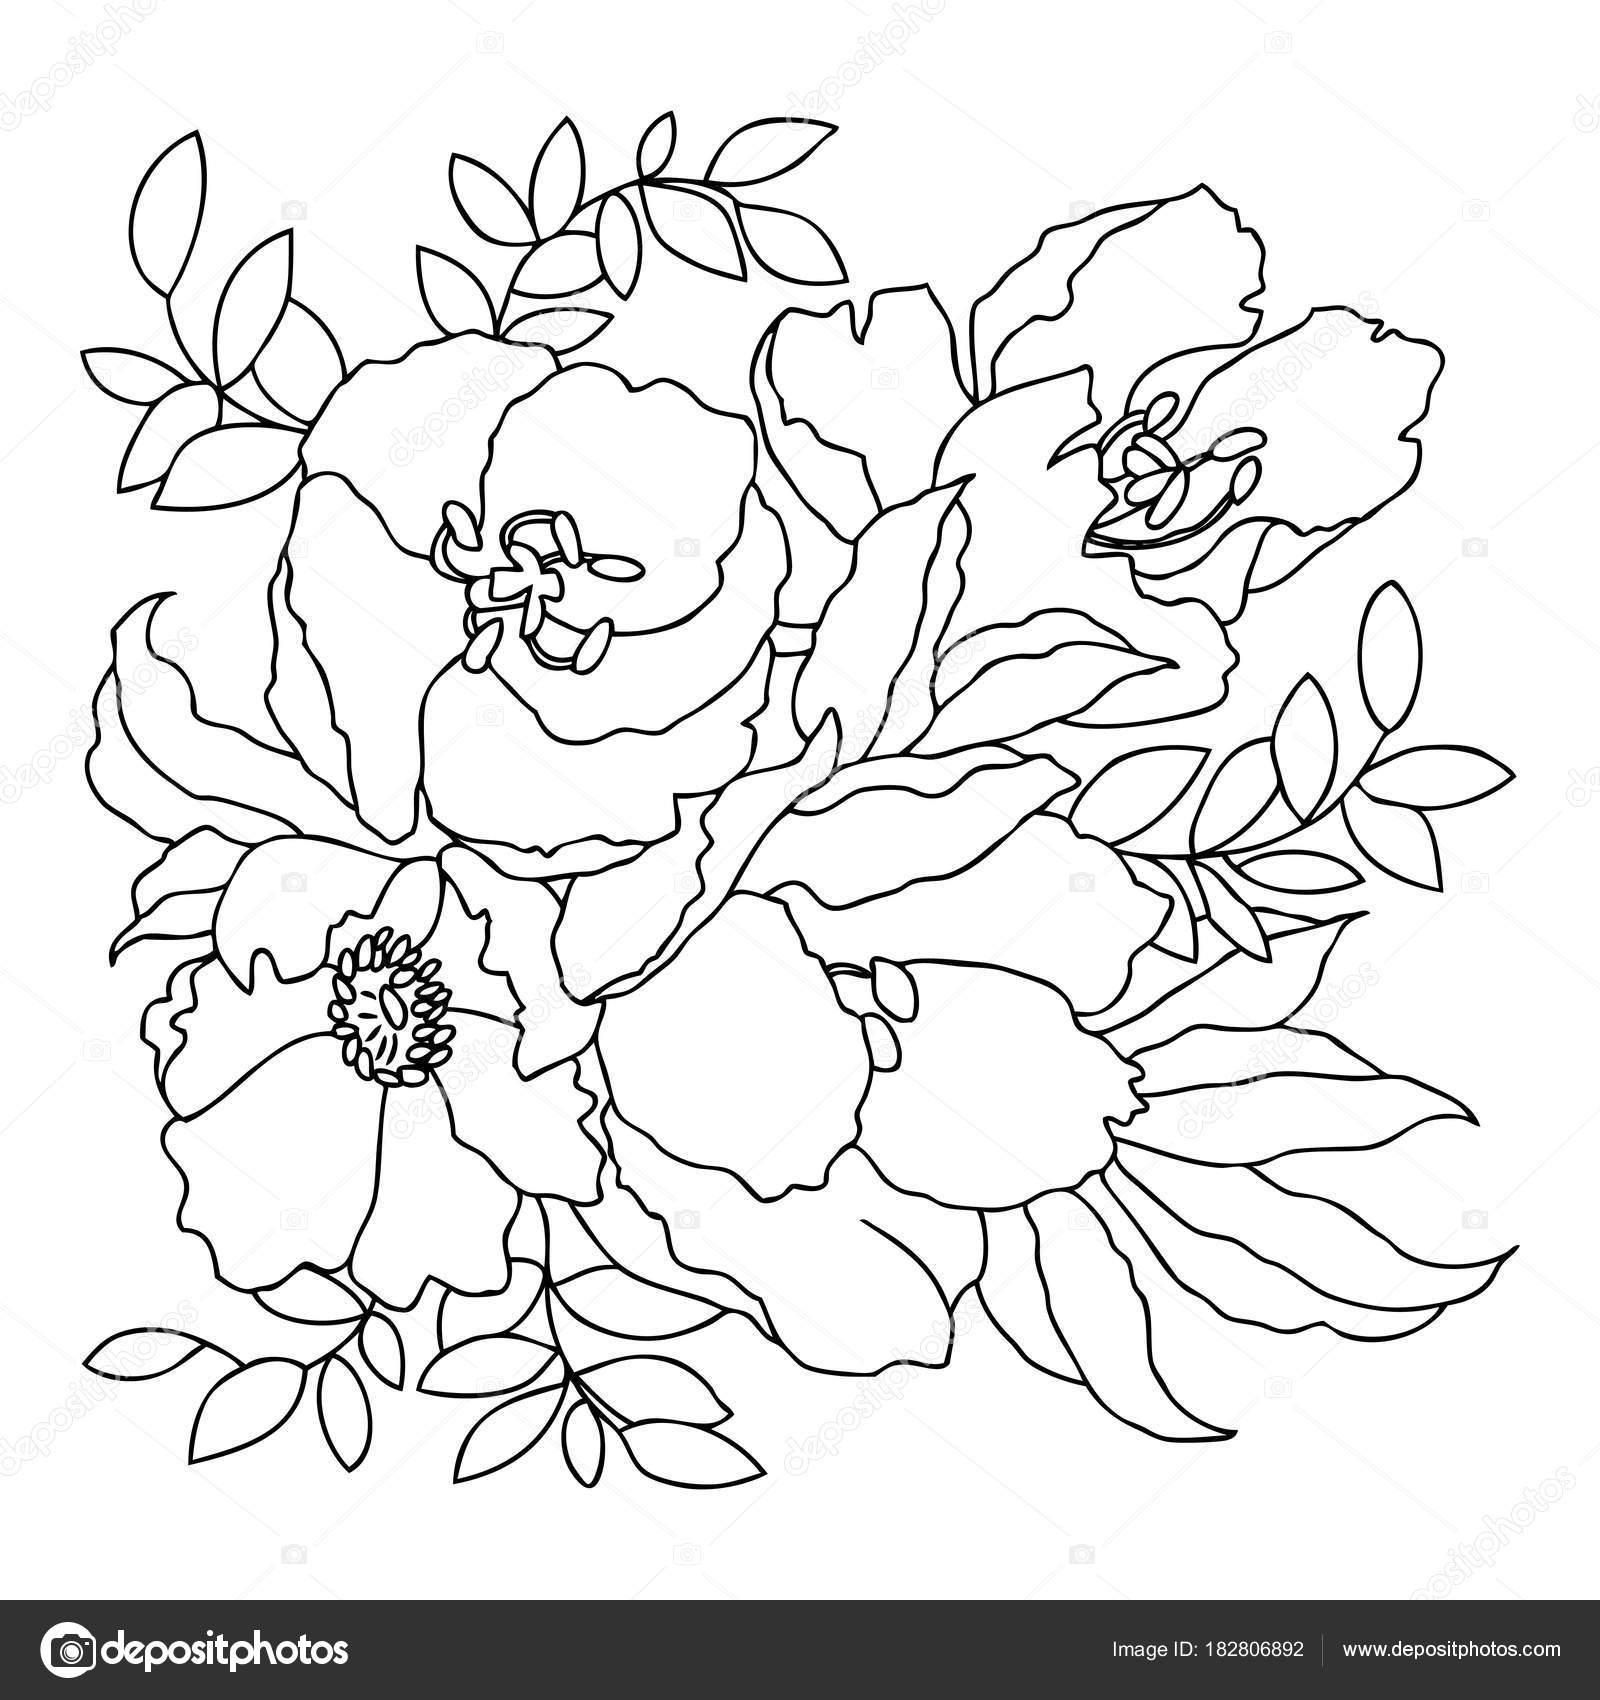 Dibujo lineal a mano. Imagen vectorial blanco y negro. Plantilla ...